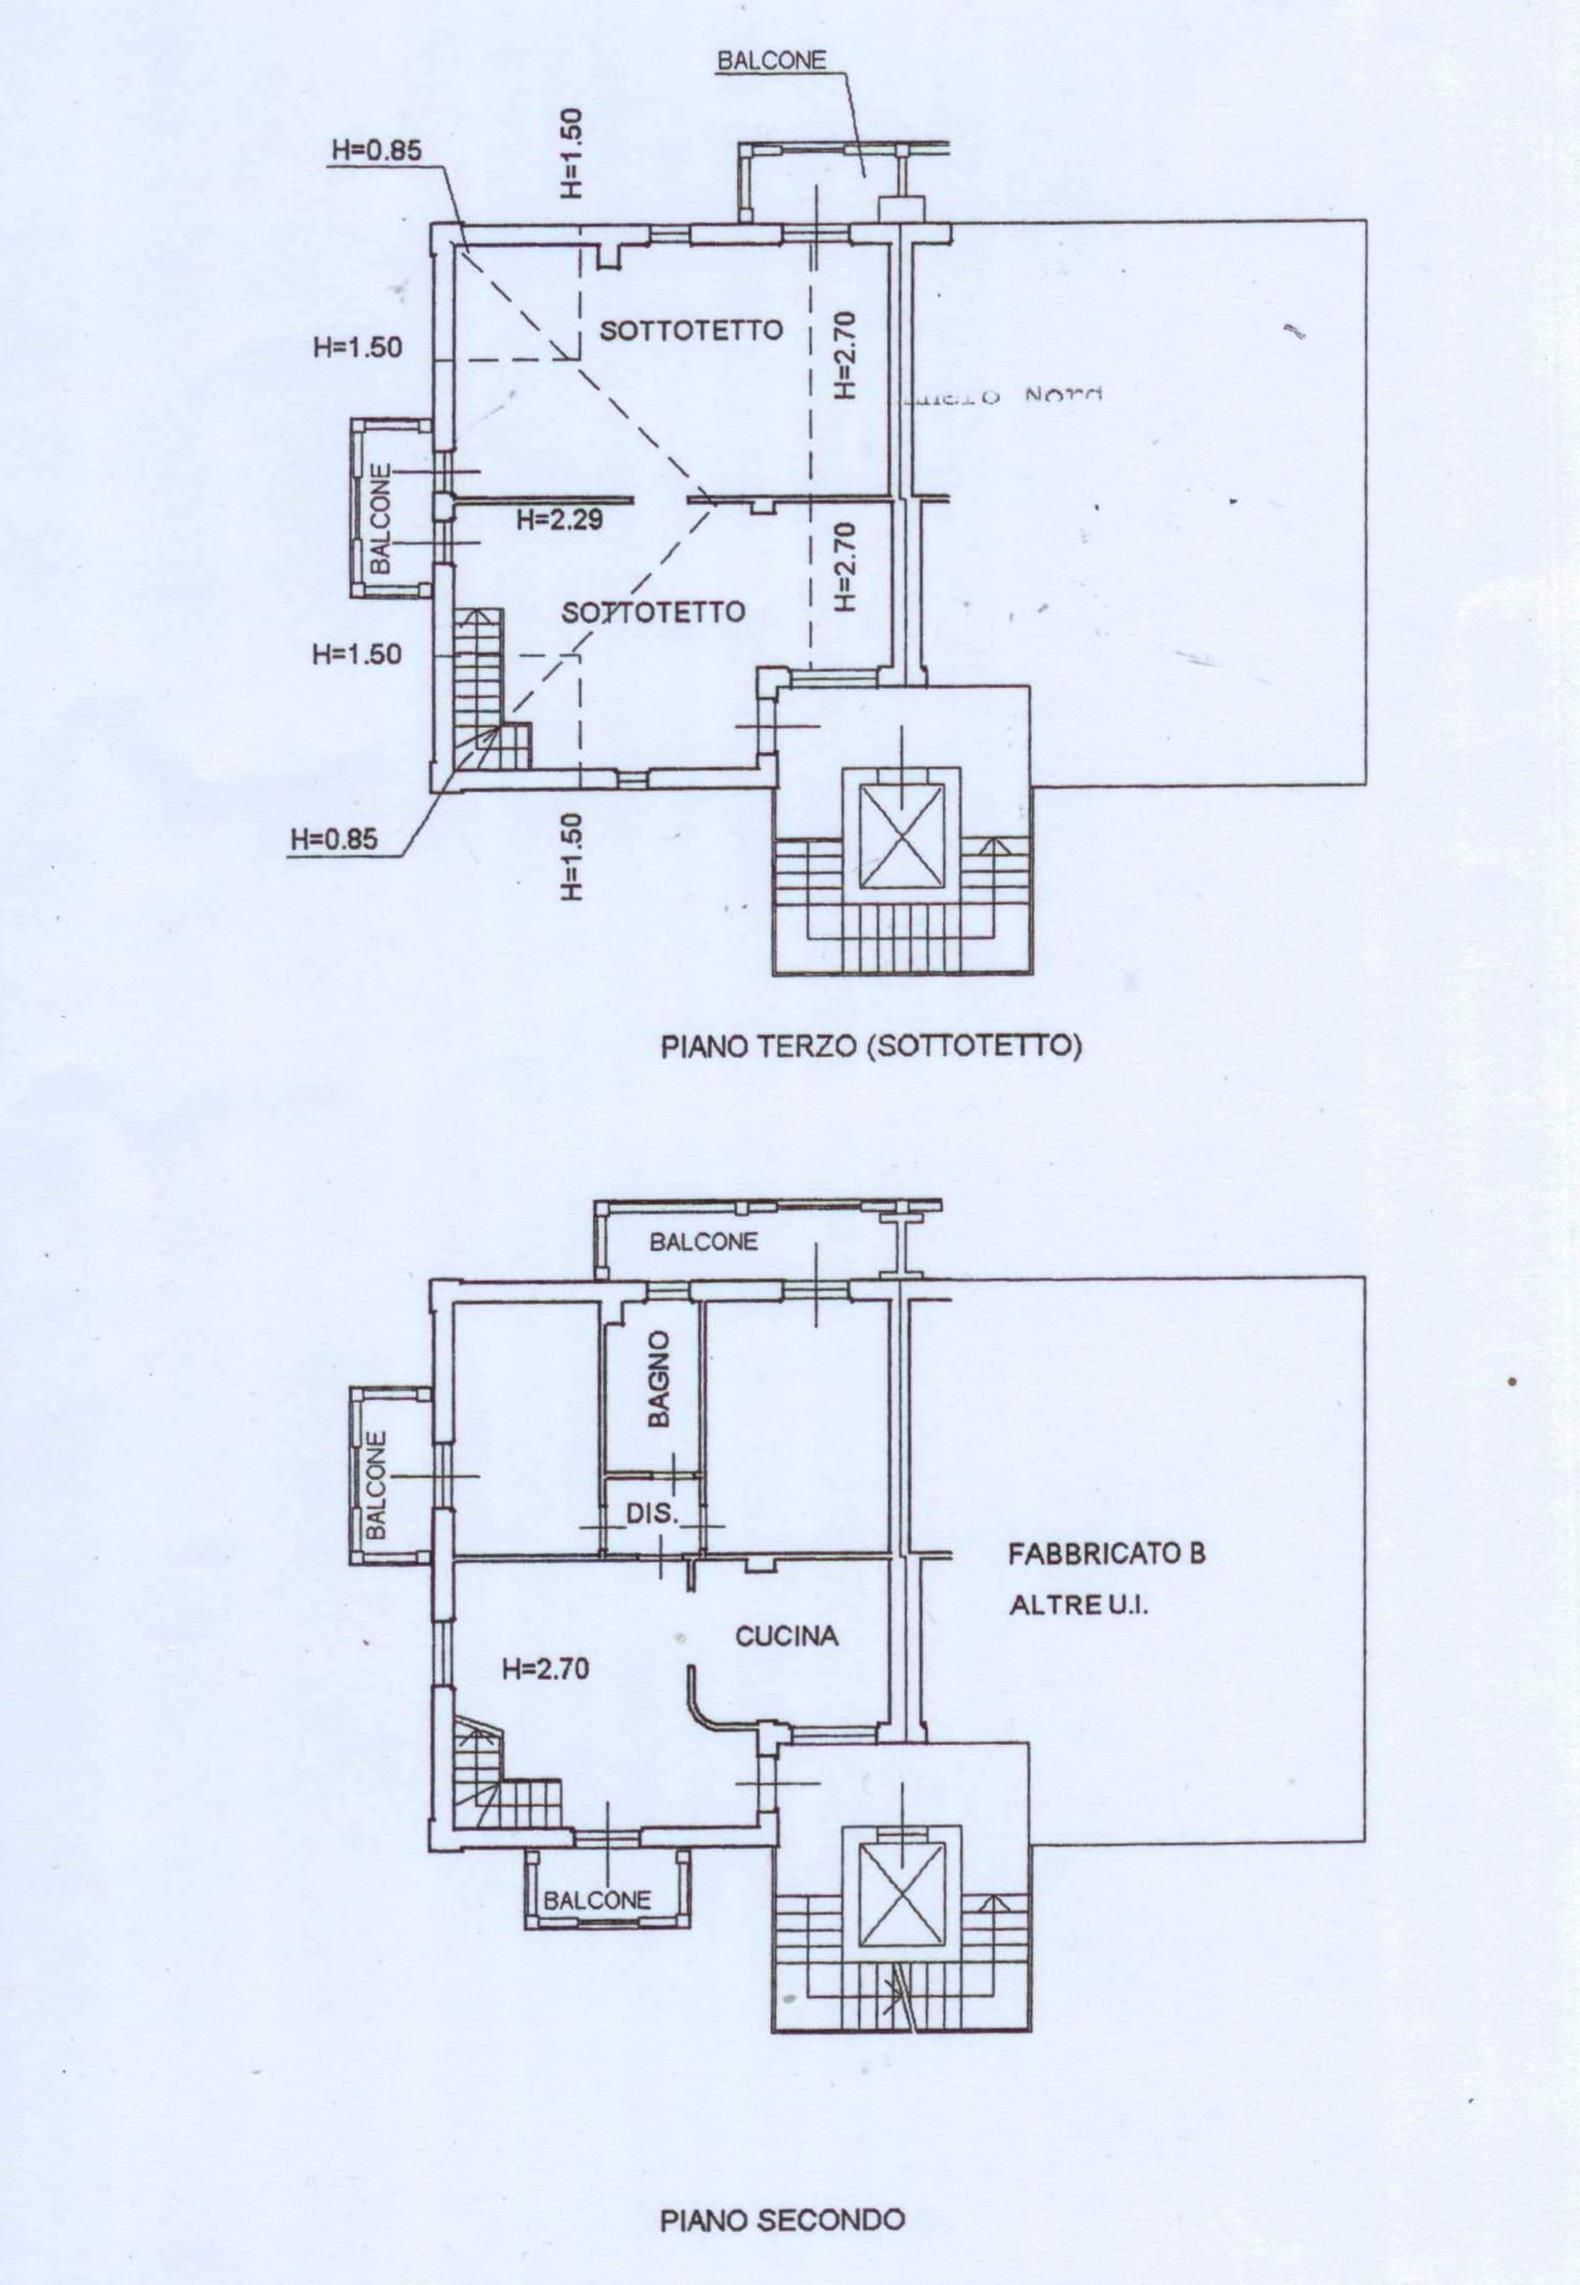 Appartamento in vendita, rif. 02386 (Planimetria 1/1)